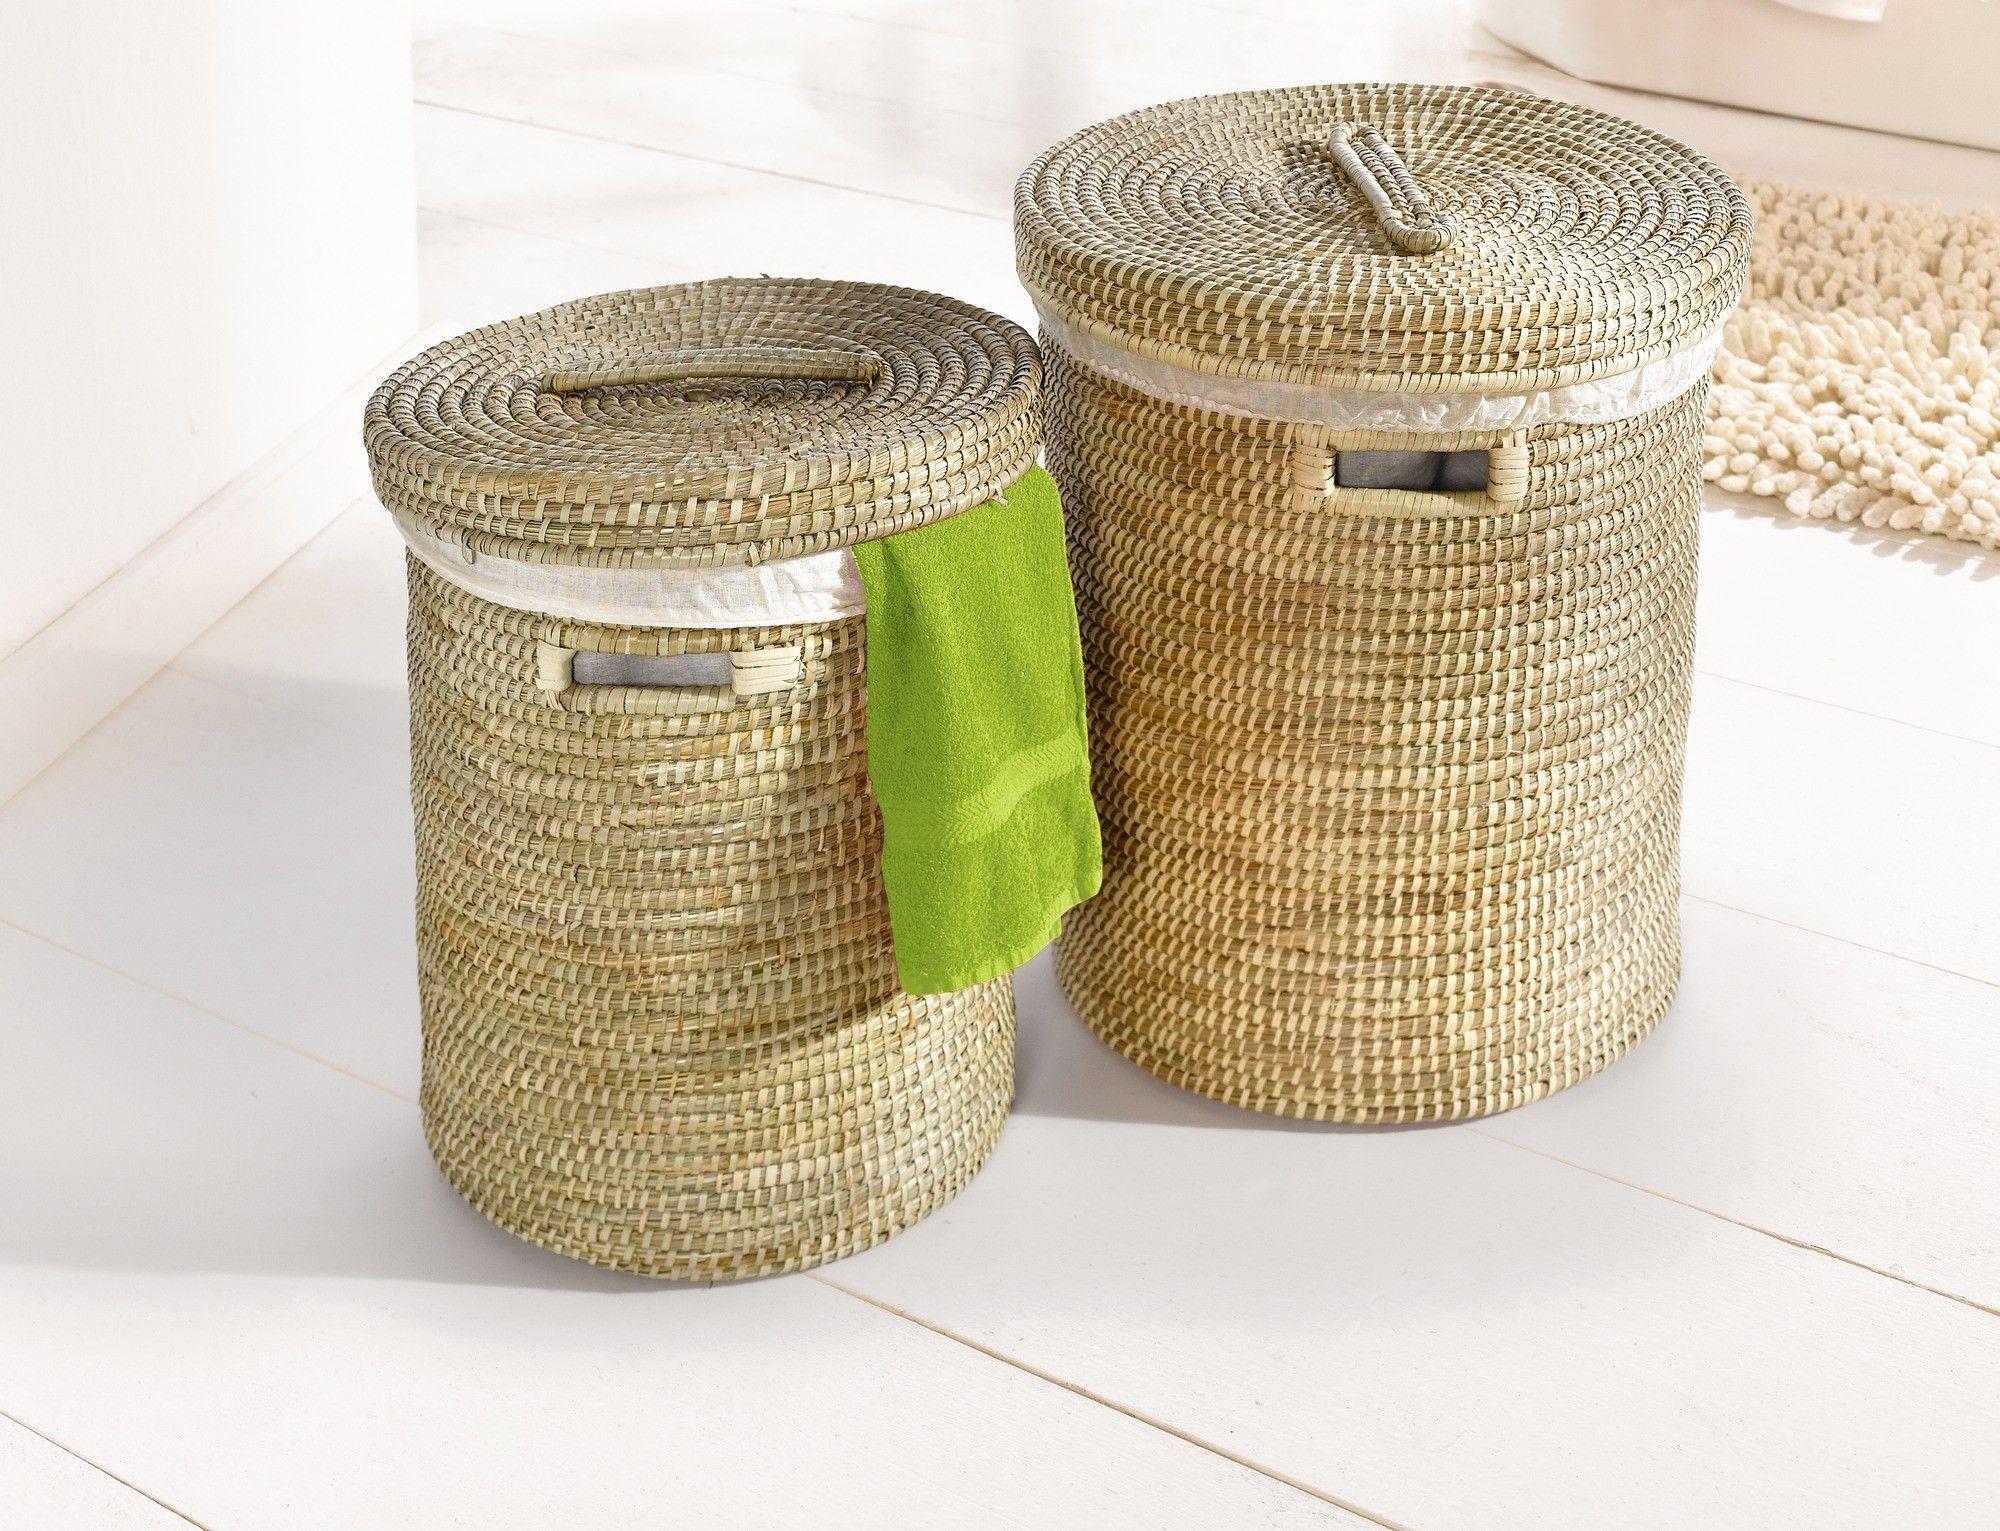 Korb badezimmer ~ Wäschekorb mit deckel diverse größen ab seegras textileinlage